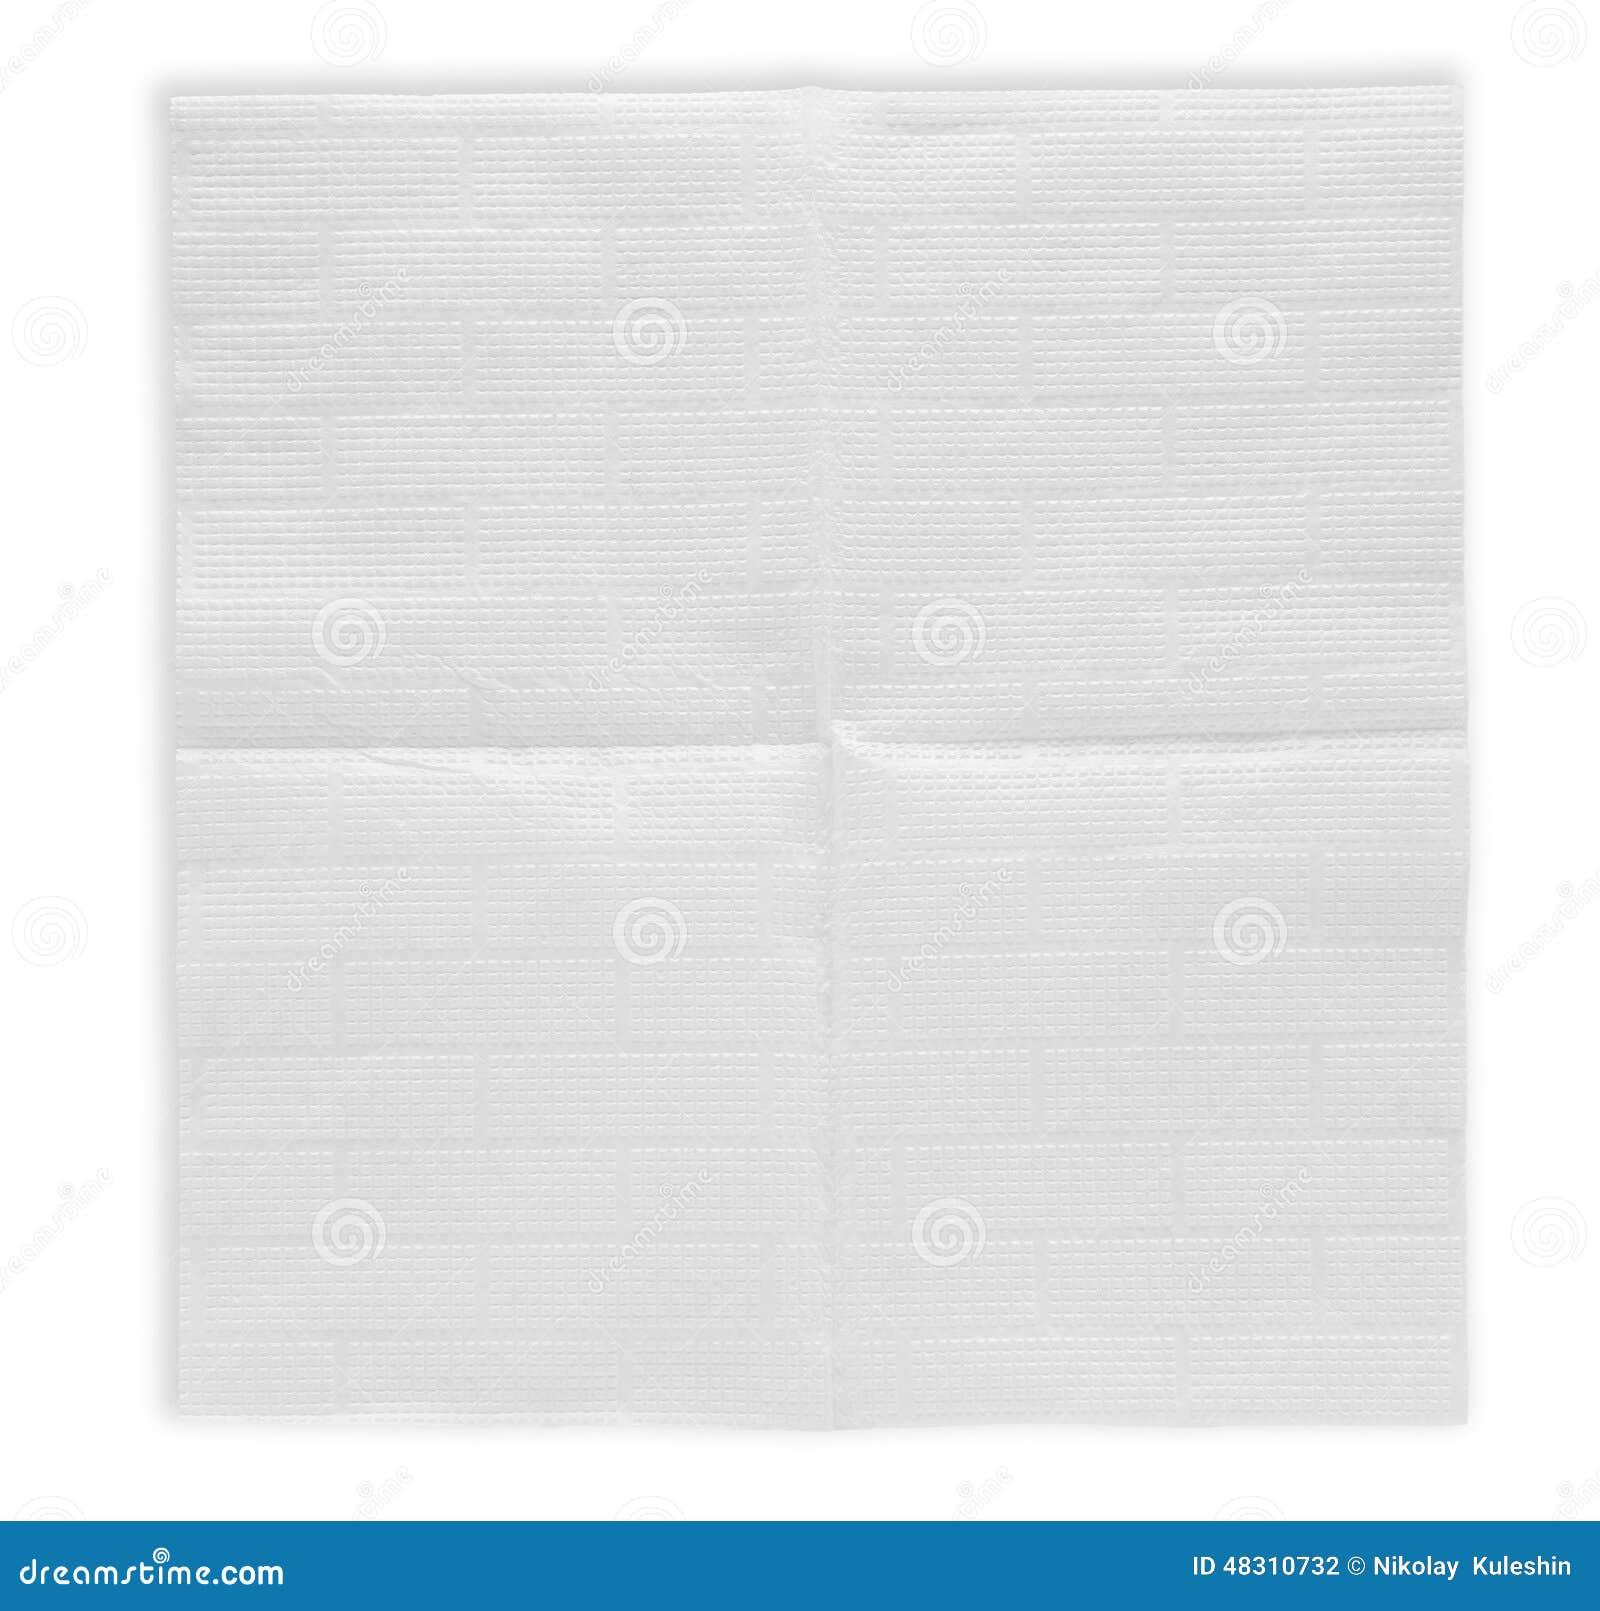 Раскрытая бумажная салфетка